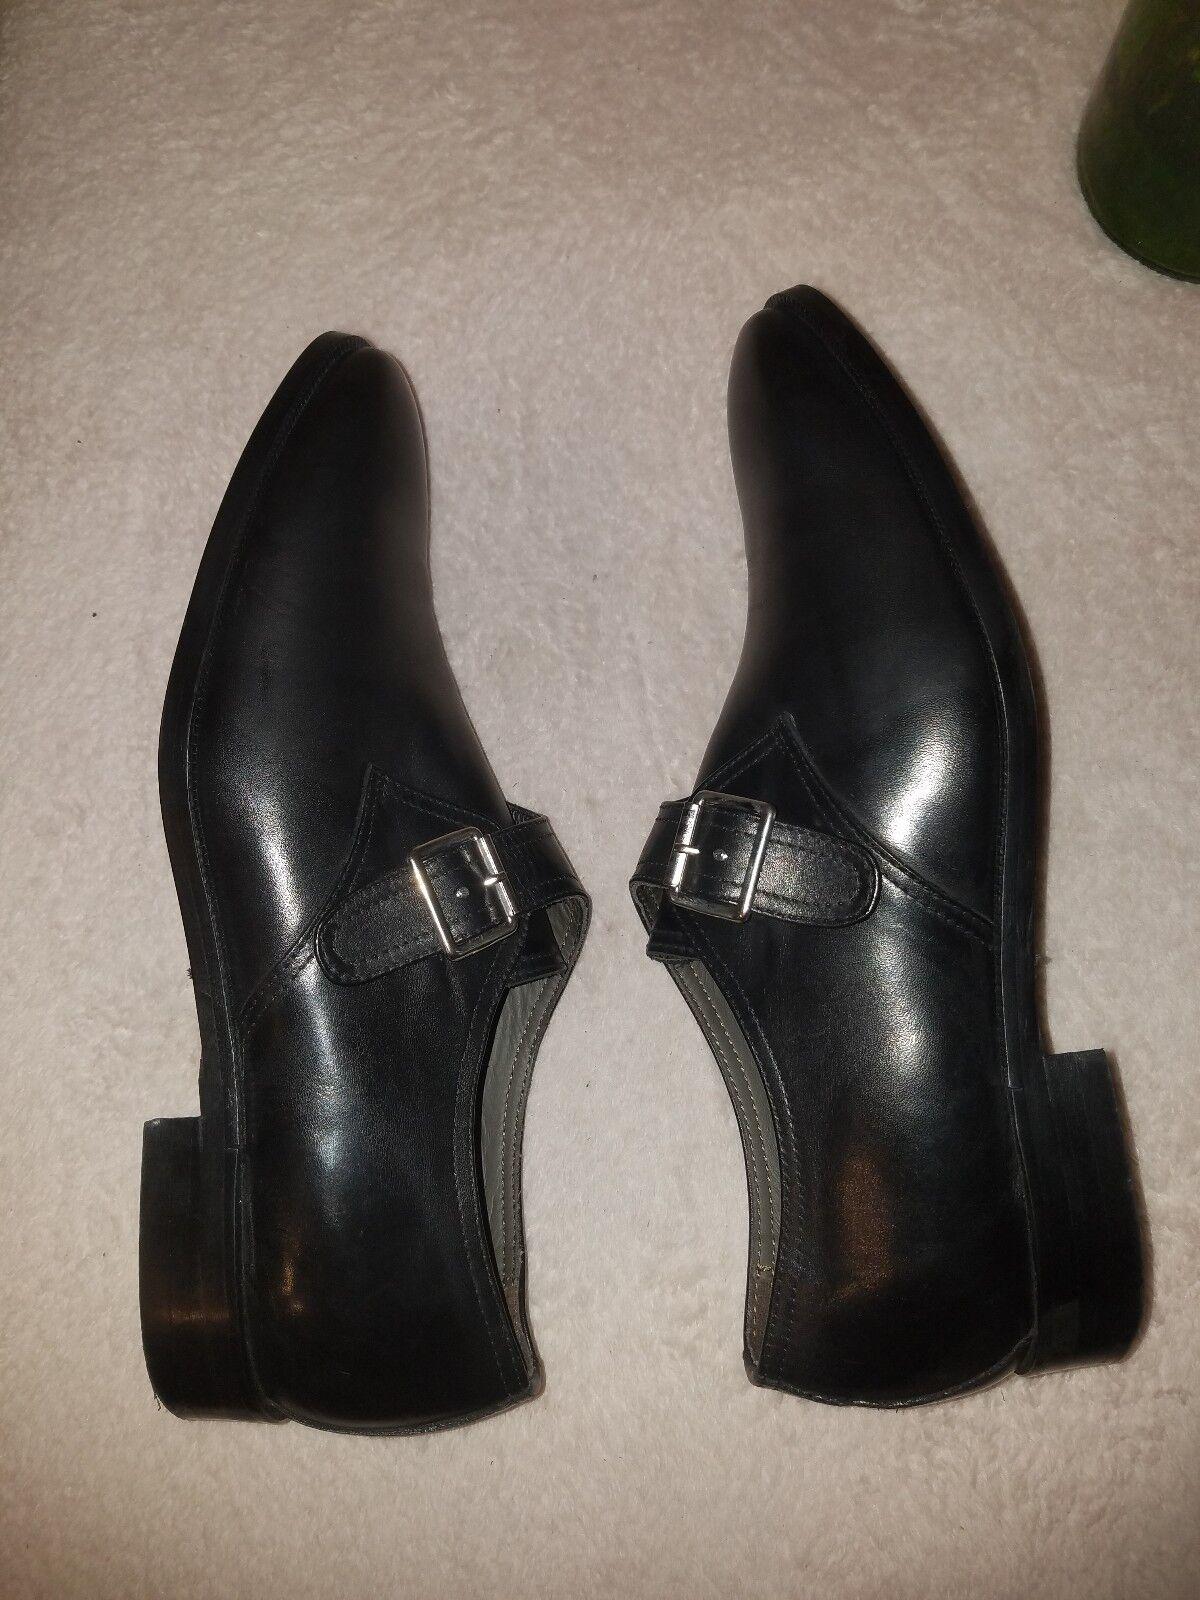 To Stiefel New York Adam Derrick Emmett Monk Strap Strap Strap schuhe schwarz Größe 11.5  395 e64f01